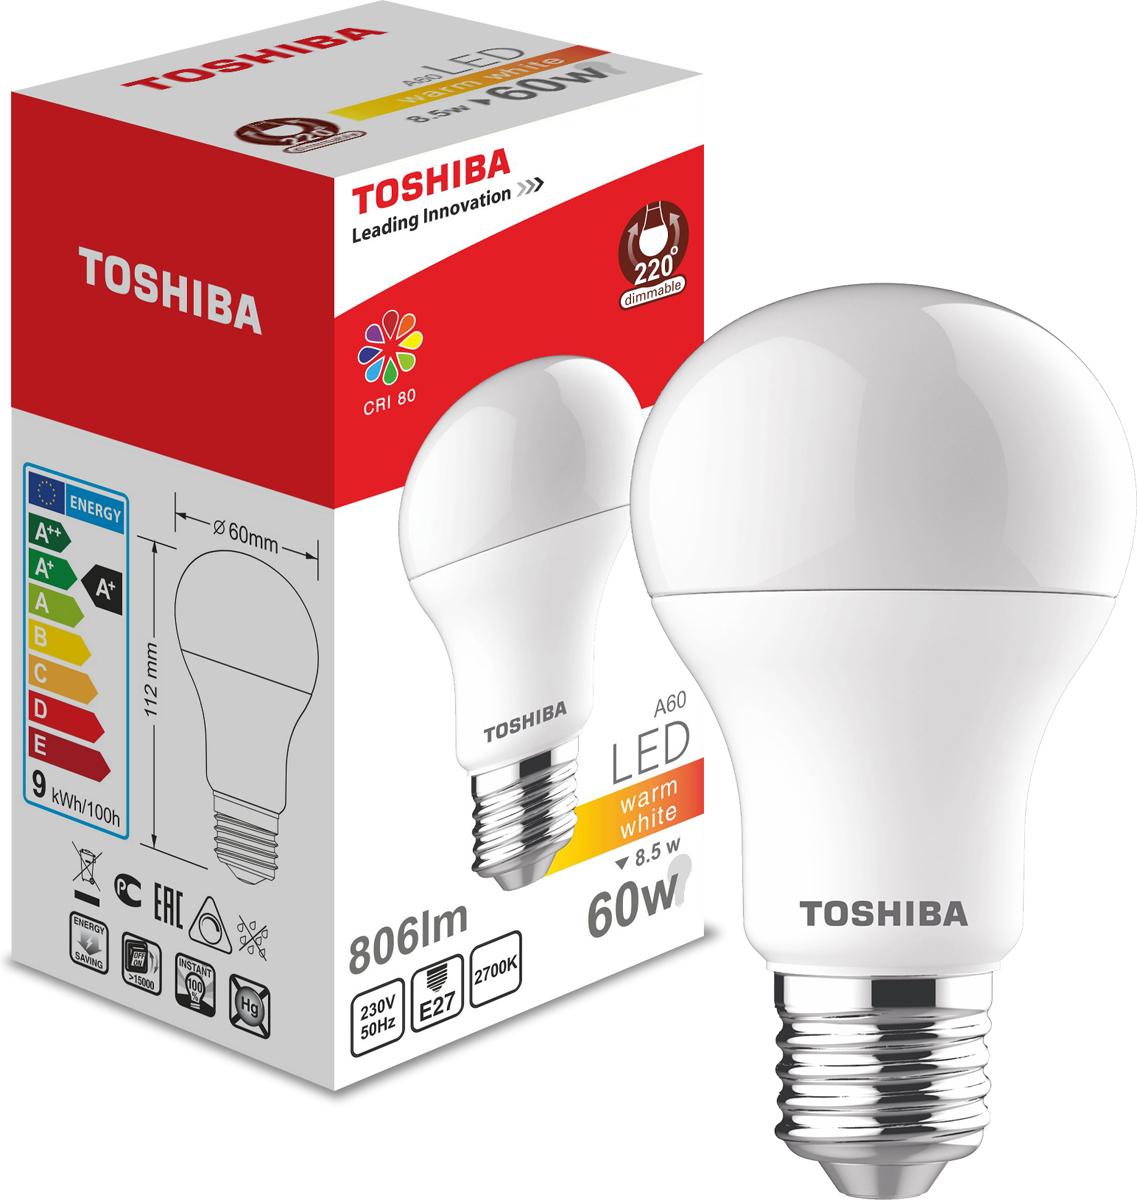 Лампа светодиодная Toshiba, теплый свет, цоколь E27, 8,5W, 2700K. 101315164A101315164AЛампа светодиодная Toshiba является самым перспективным источником света. Основным преимуществом данного источника света является длительный срок службы и очень низкое энергопотребление, так, например, по сравнению с обычной лампой накаливания светодиодная лампа служит в среднем в 50 раз дольше и потребляет в 10-15 раз меньше электроэнергии.При этом светодиодная лампа практически не подвержена механическому воздействию из-за прочной конструкции и позволяет получить любой цвет светового потока, что, несомненно, расширяет возможности применения и позволяет создавать новые решения в области освещения.